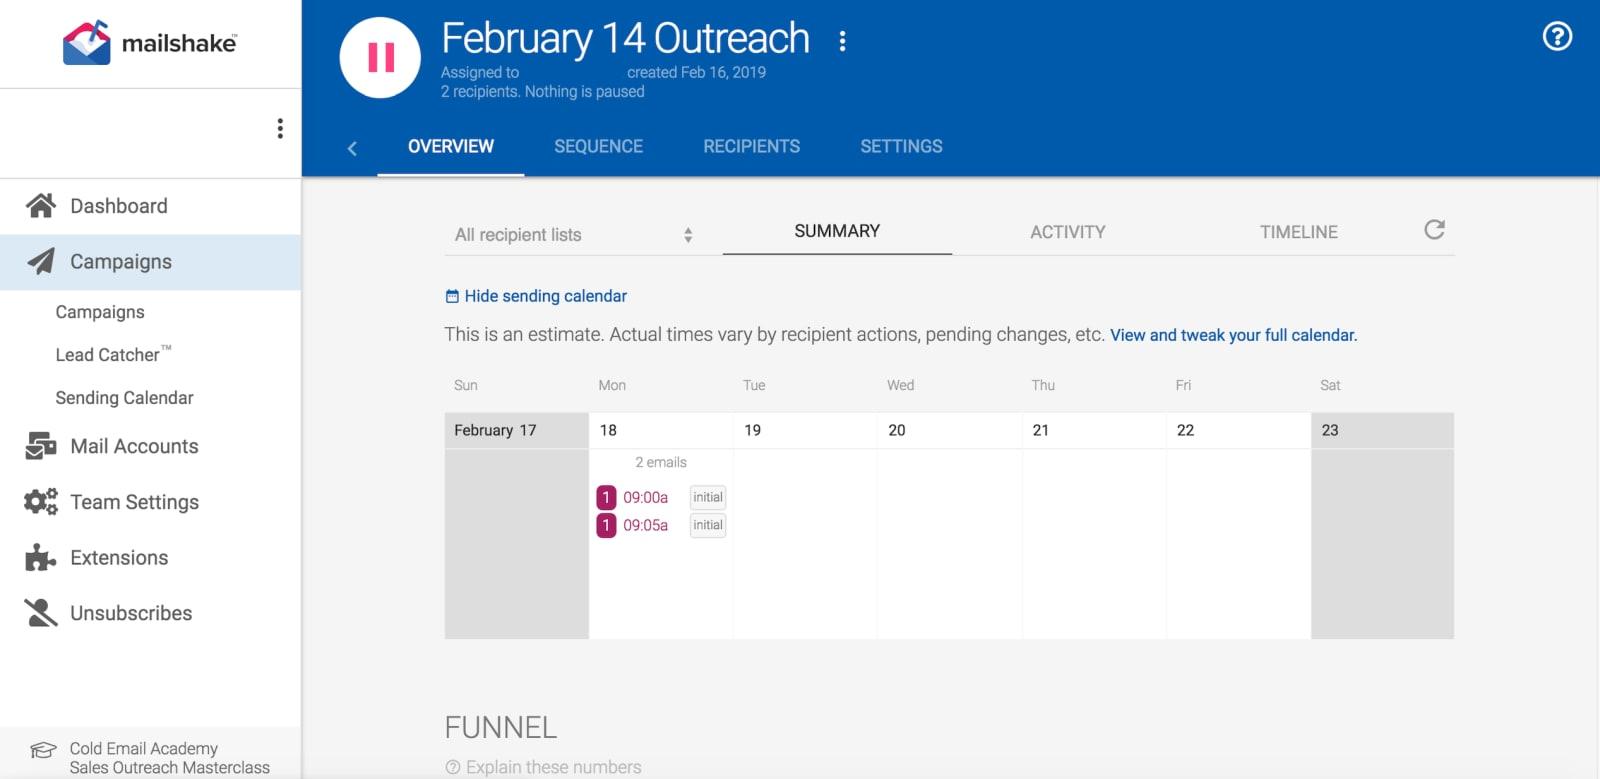 Mailshake Review Outreach Calendar